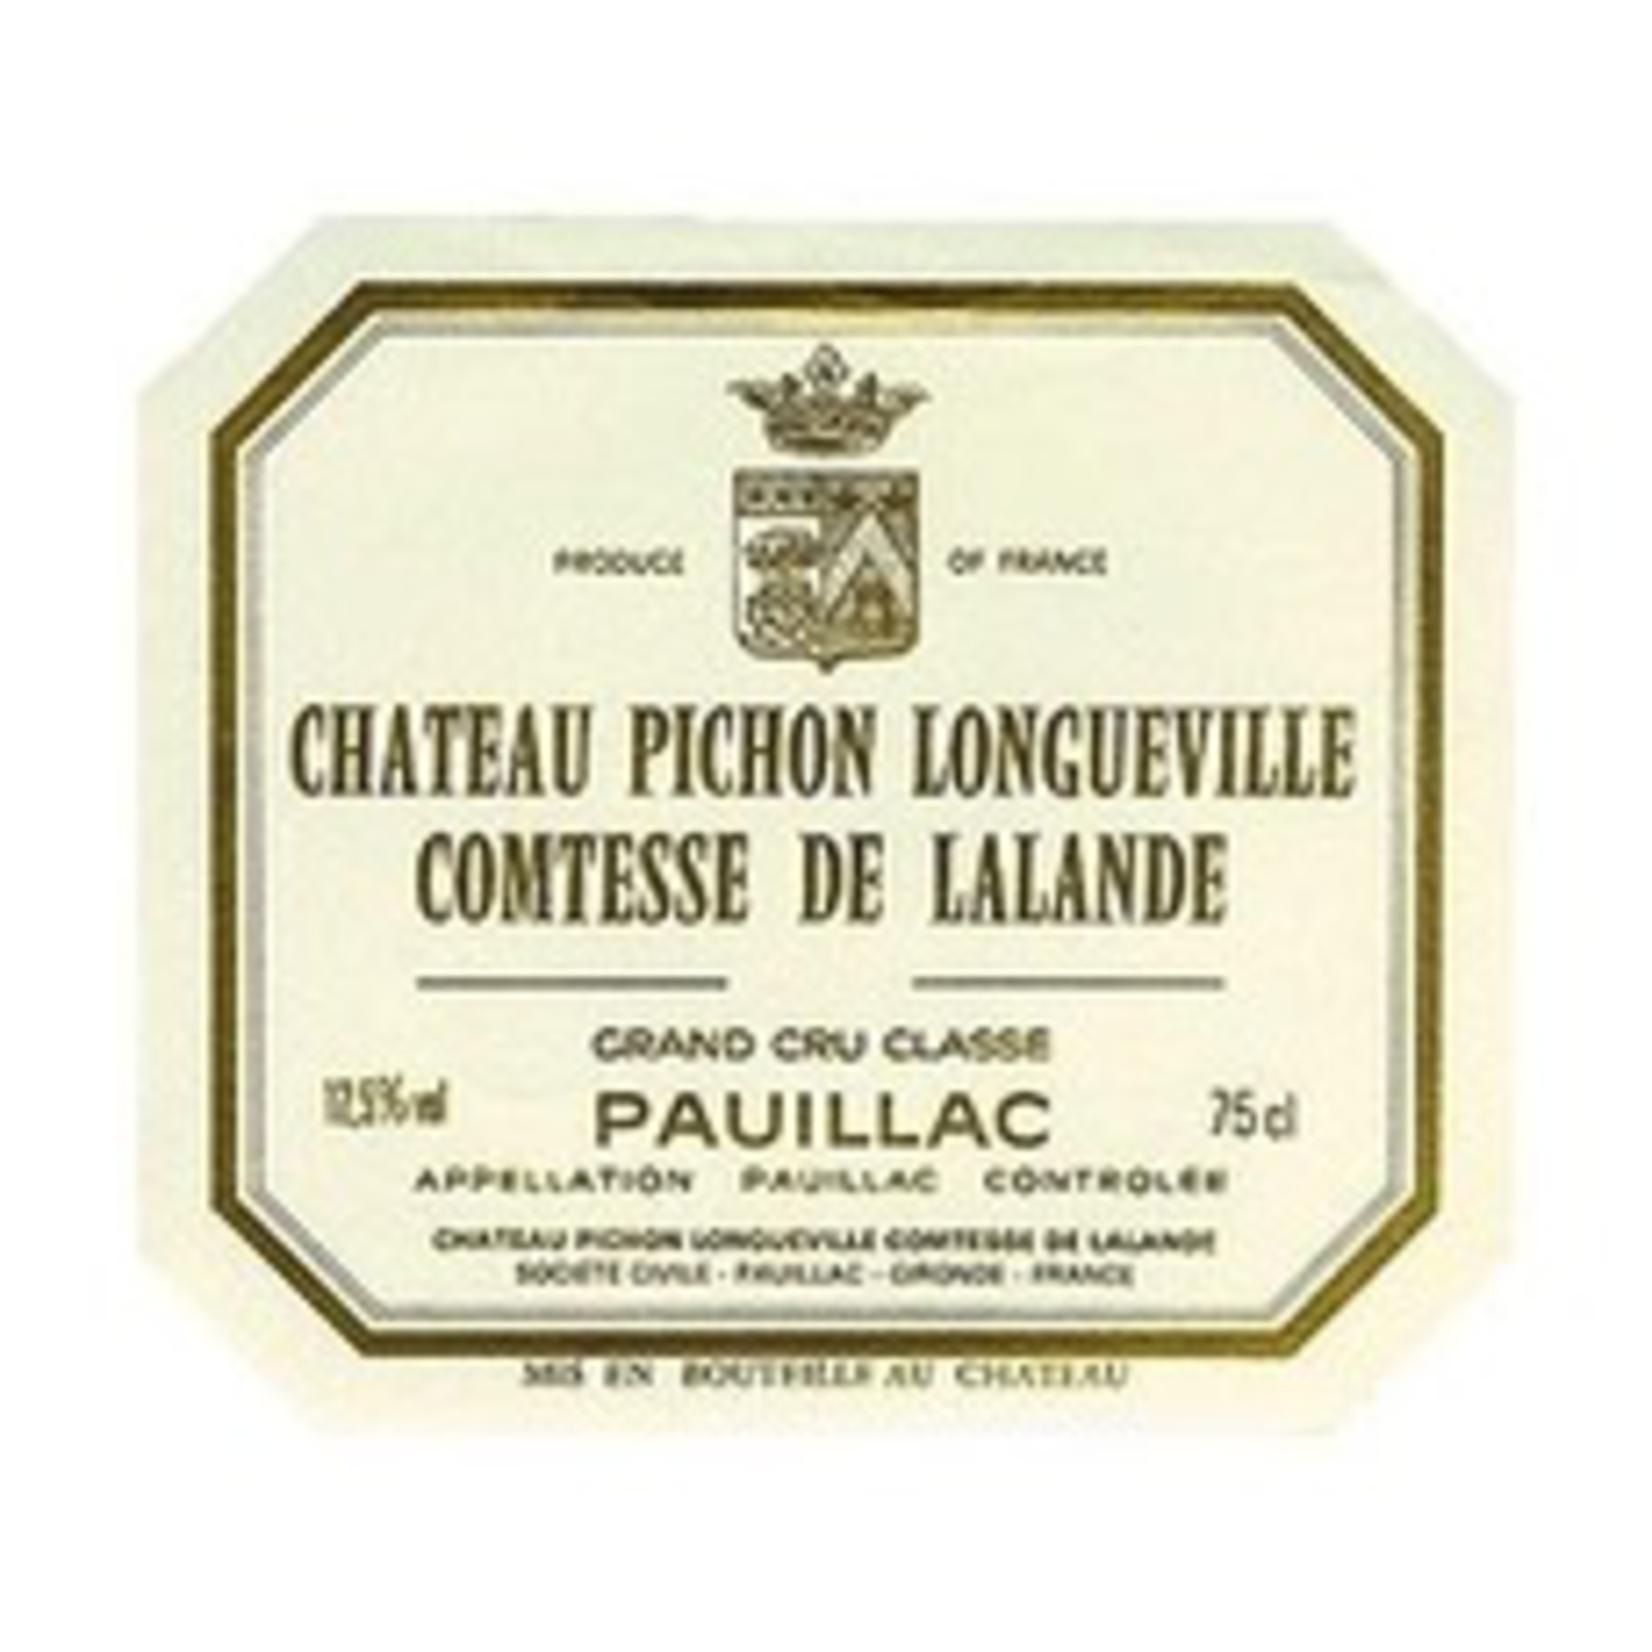 Wine Chateau Pichon Longueville Lalande 2002